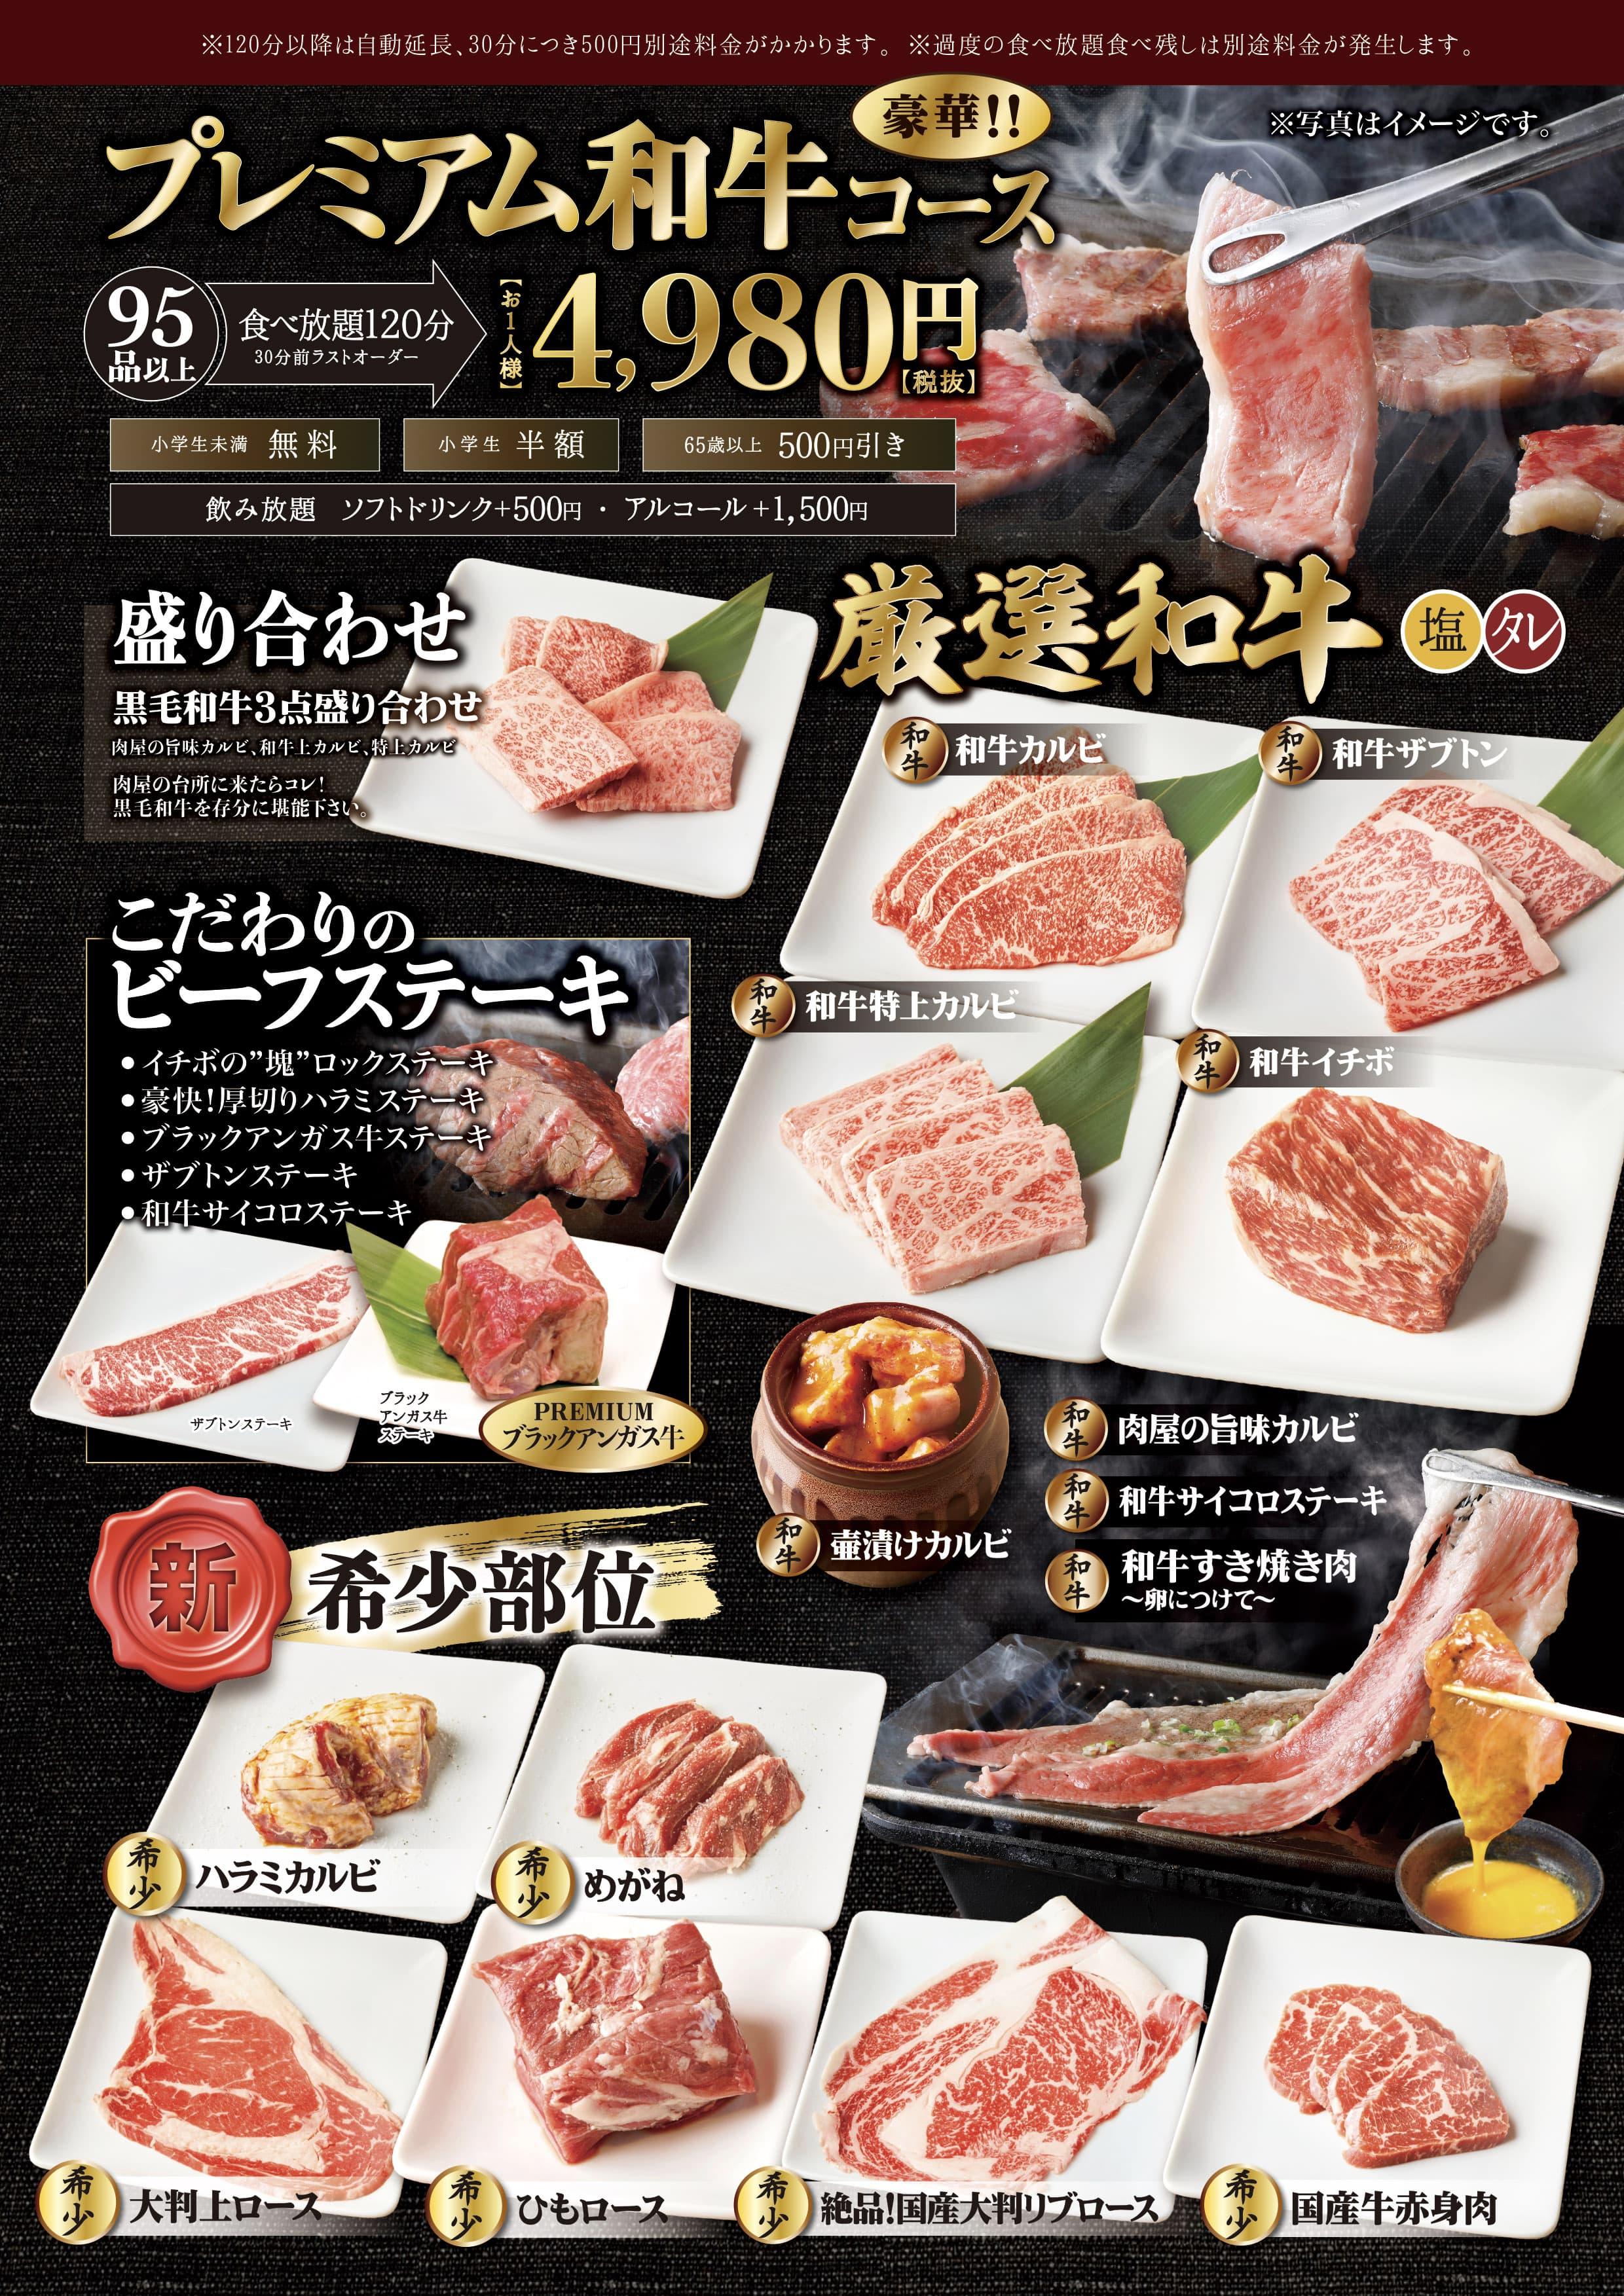 プレミアム和牛コース 6000円